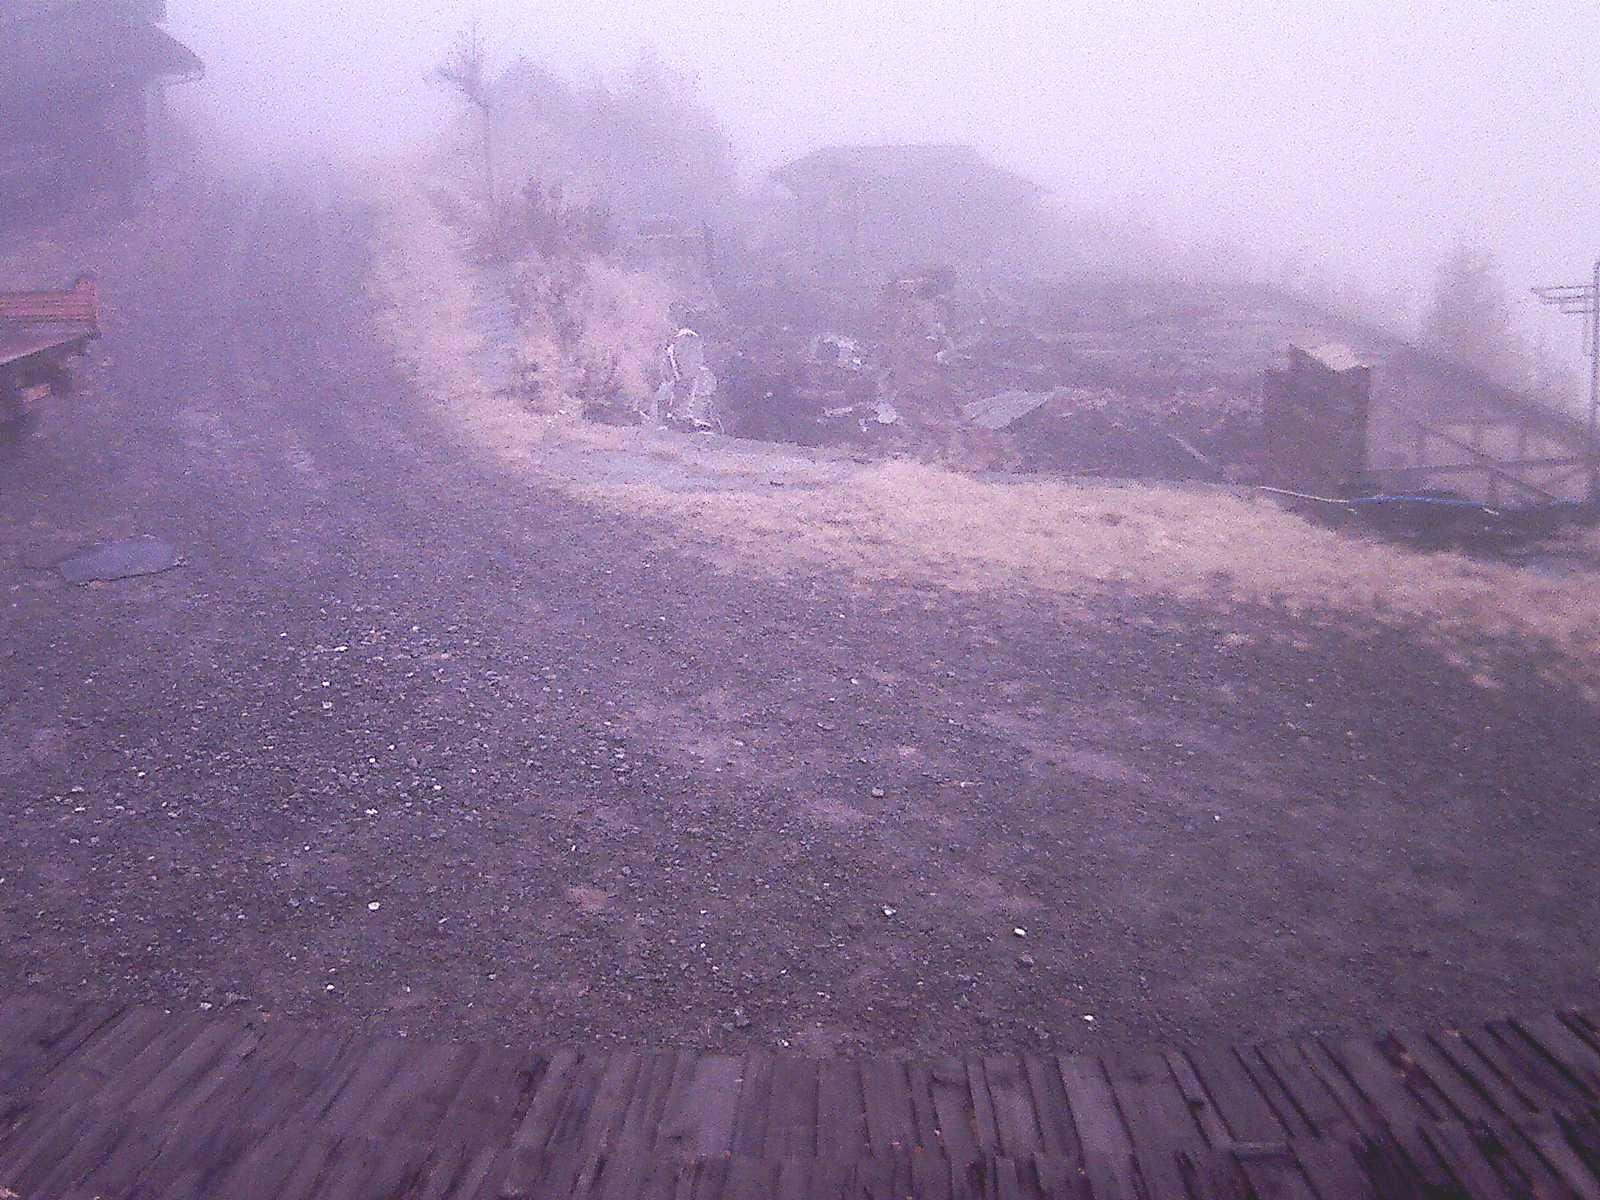 Webcam Ski Resort Szczyrk cam 2 - Beskids